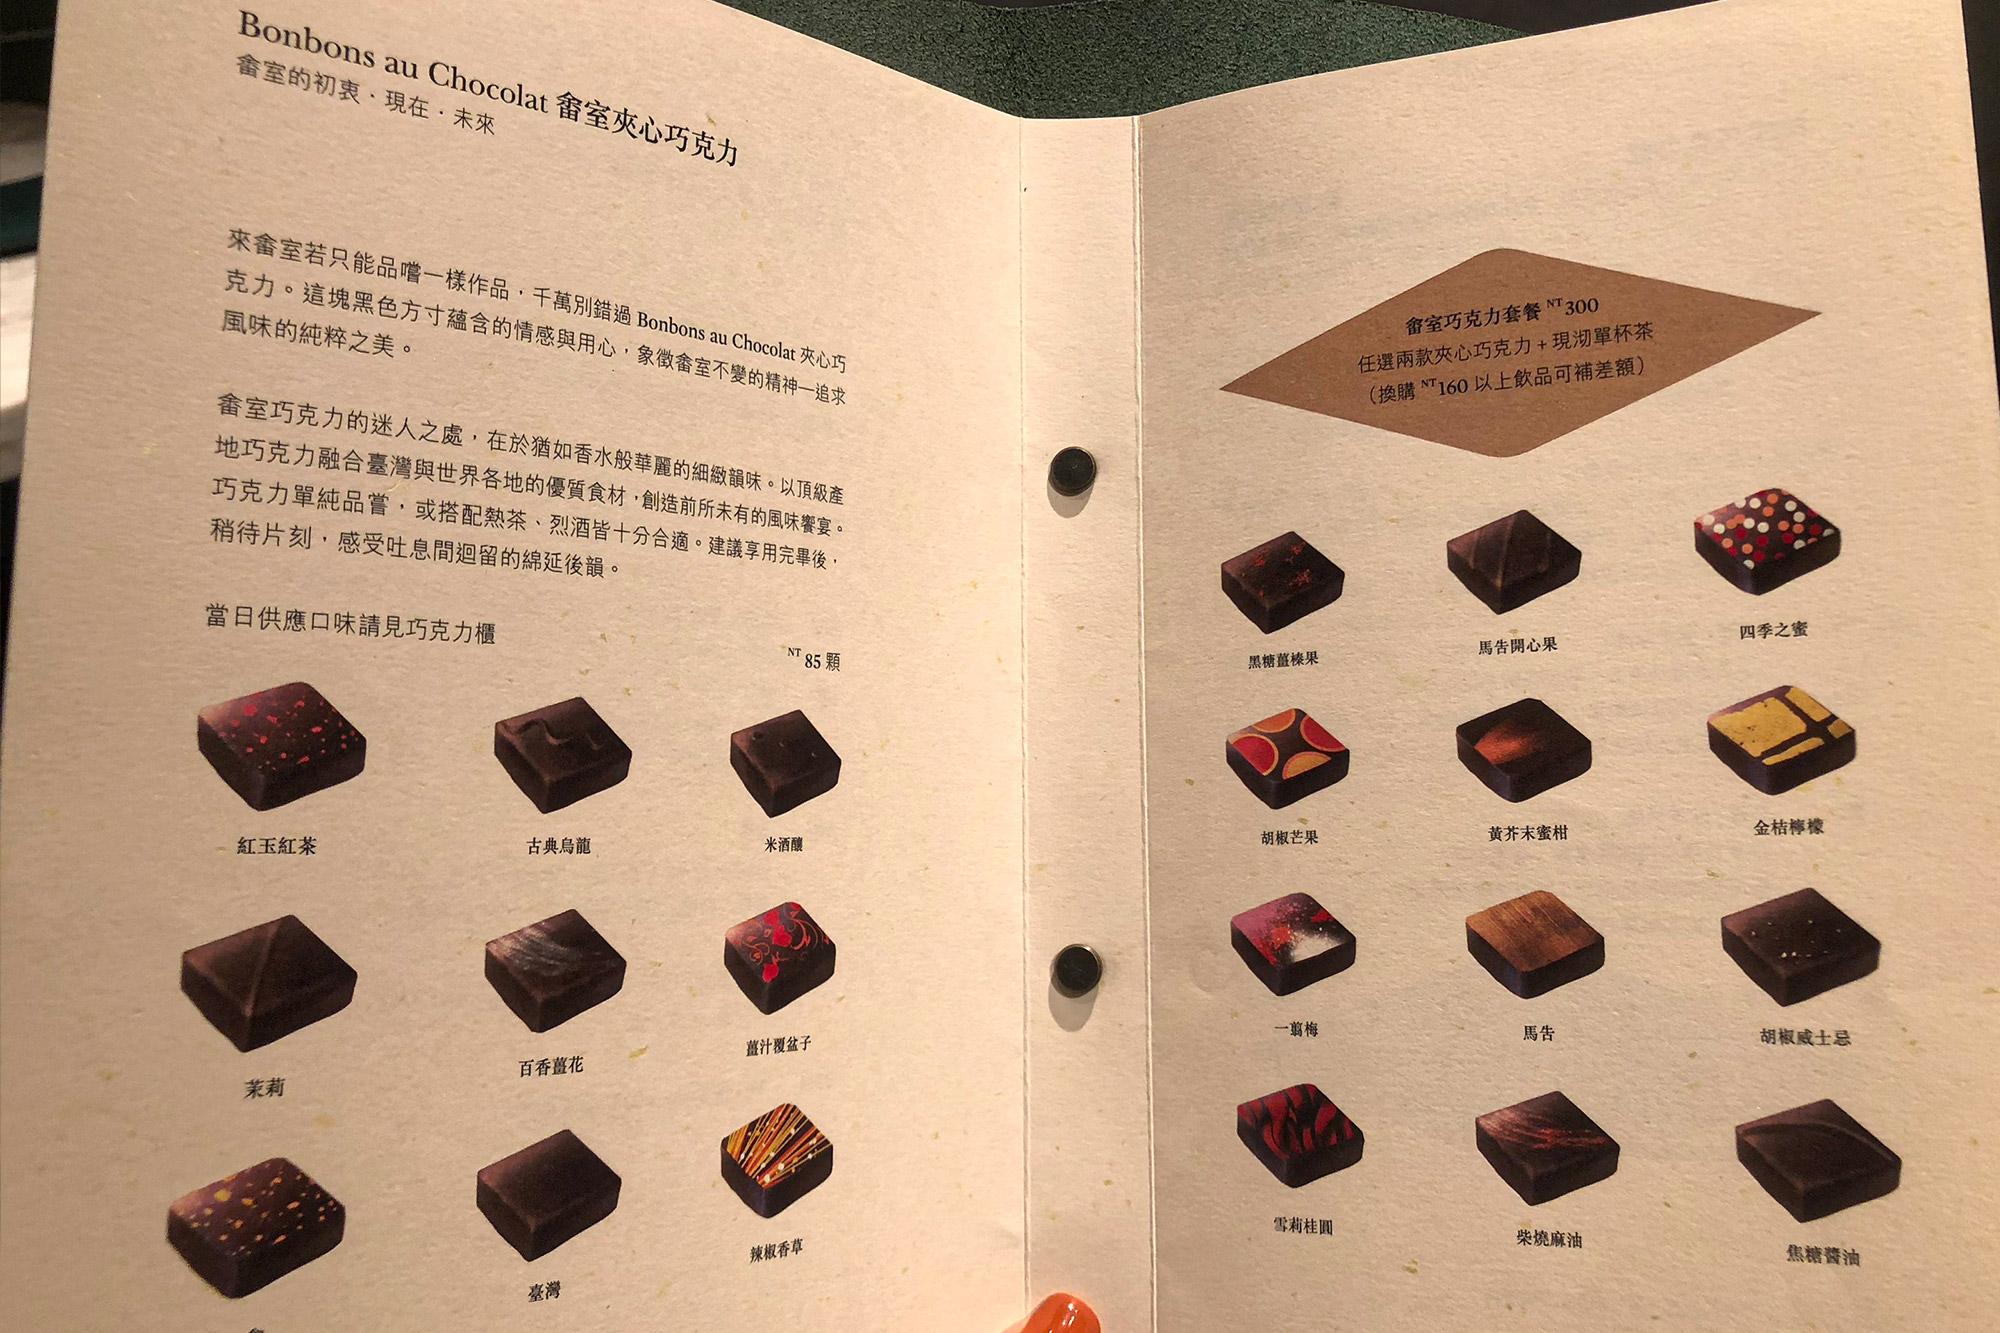 畬室法式巧克力_menu1